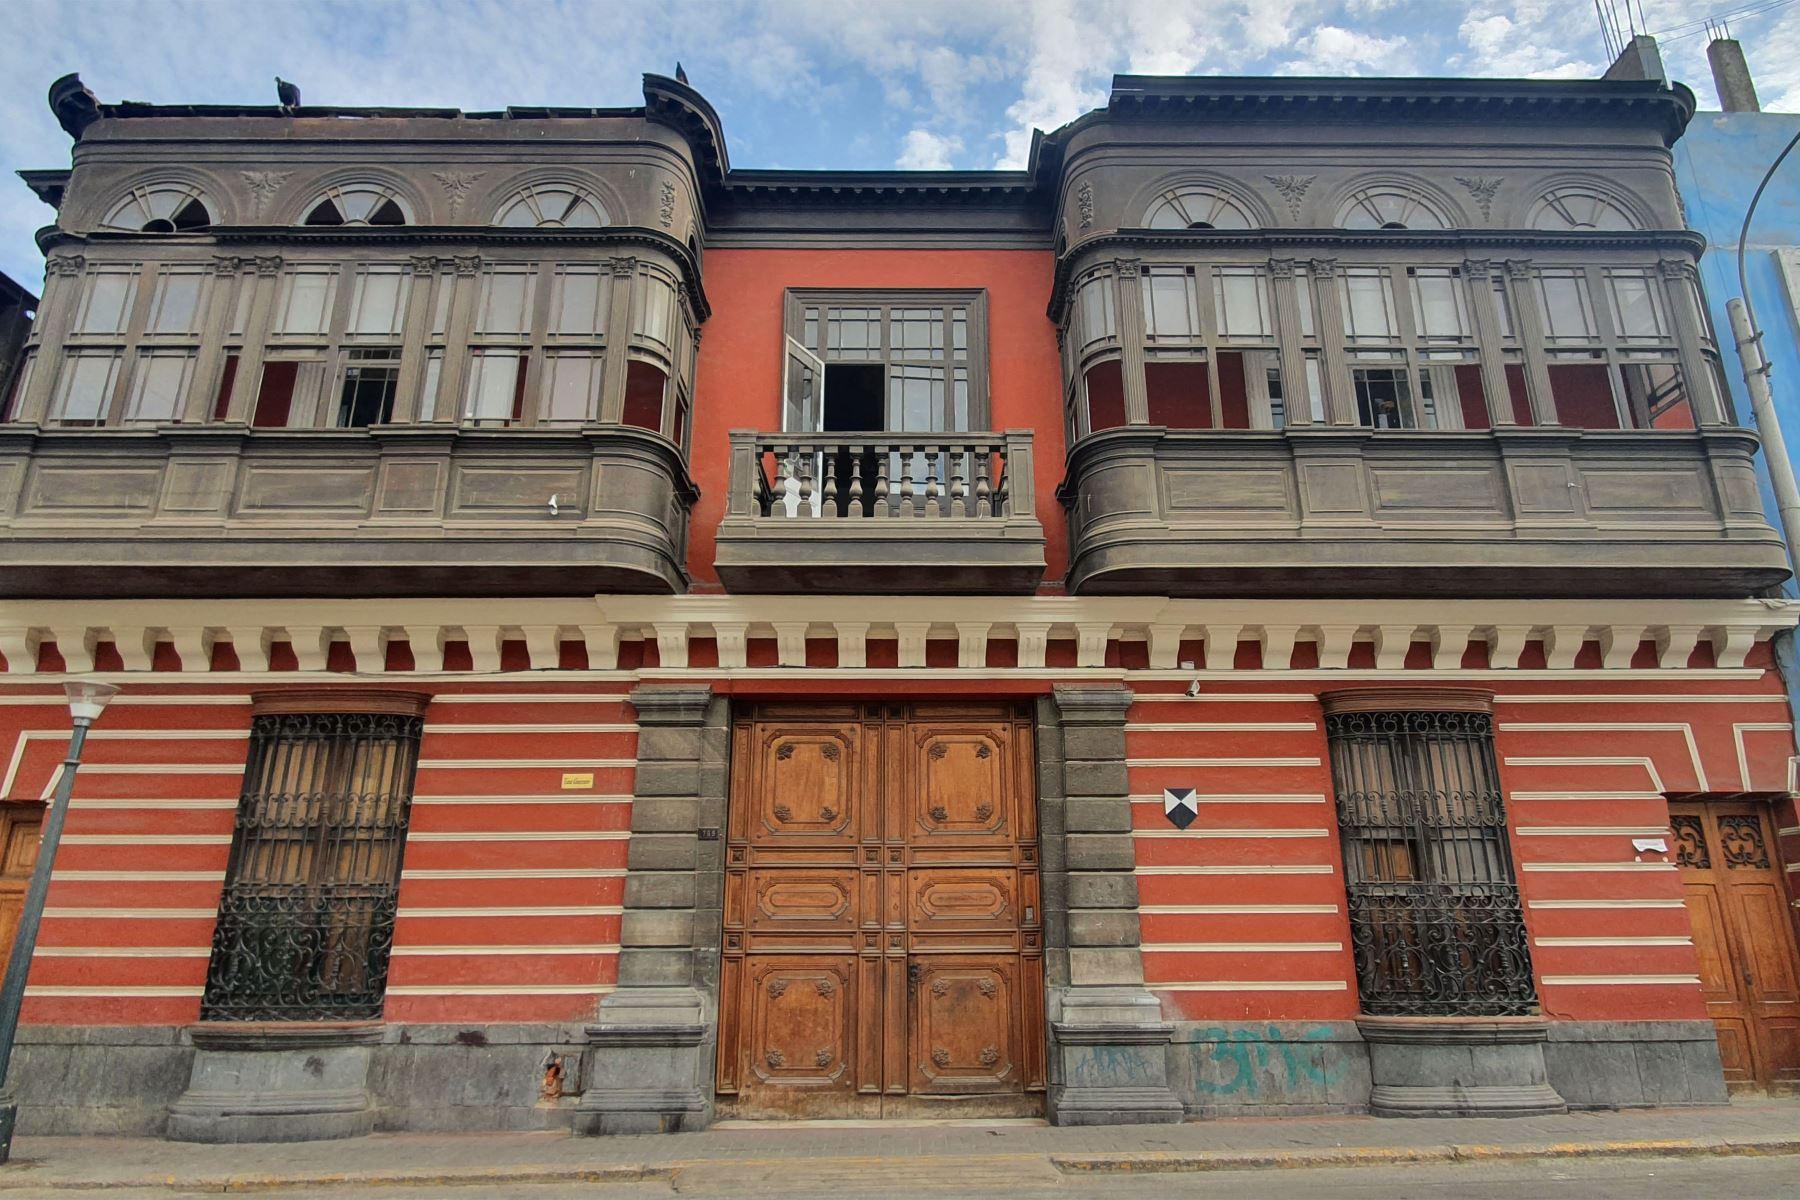 La Ensabap cuenta con tres locales: la sede central, la sede Canevaro y la sede Cultural. Además, posee un gran patrimonio estatuario, único en el ámbito latinoamericano. Foto: Ensabap